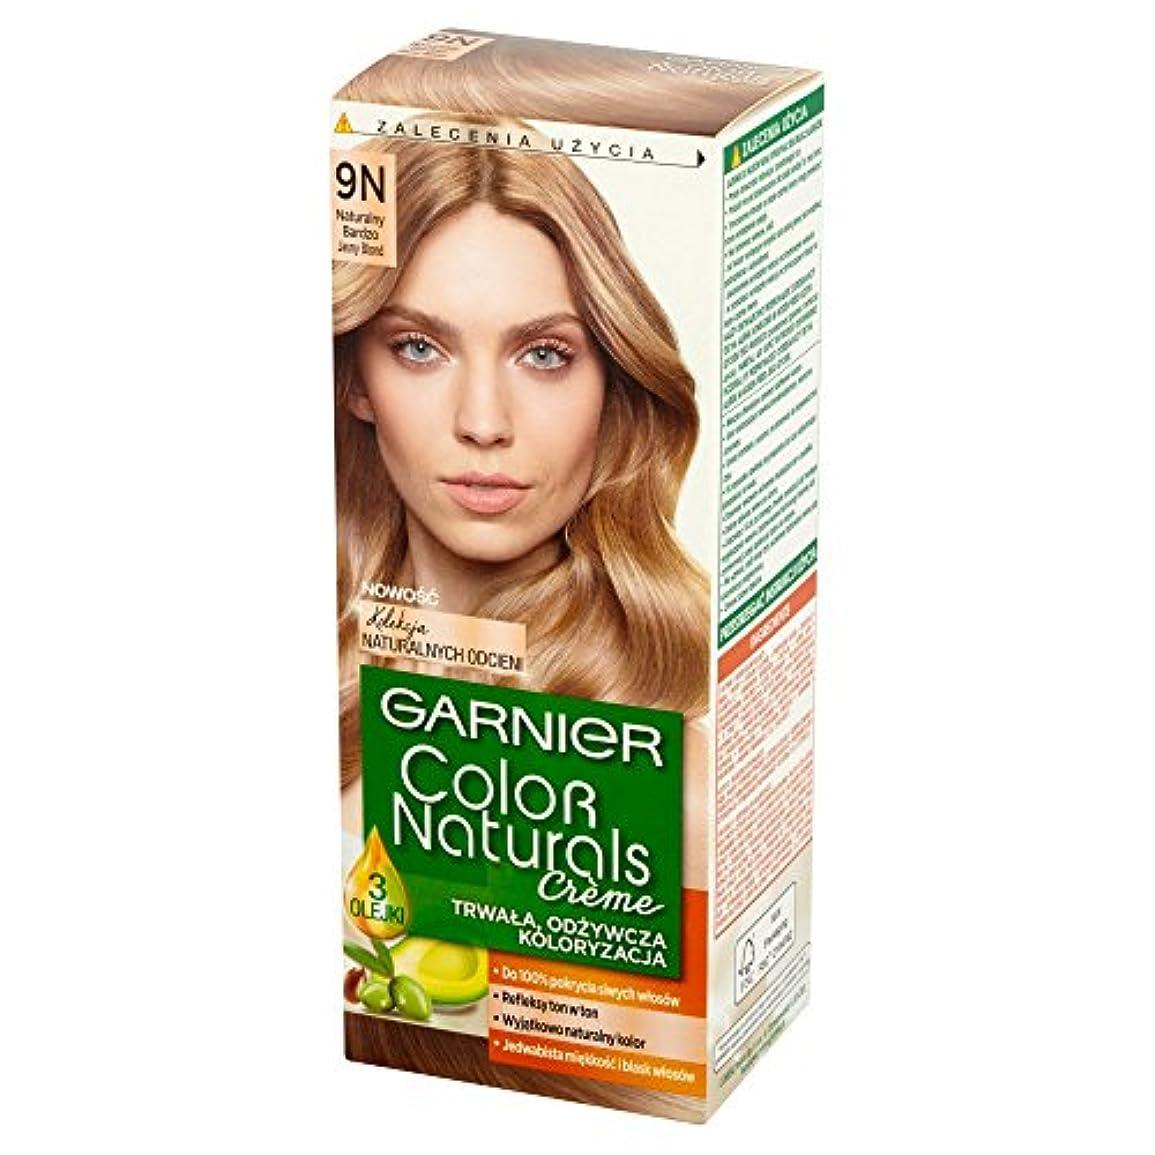 熟達した歌詞全体ロレアル Garnier Color Naturals Creme 9N • Natural Light Blonde ブロンドヘアカラークリーム